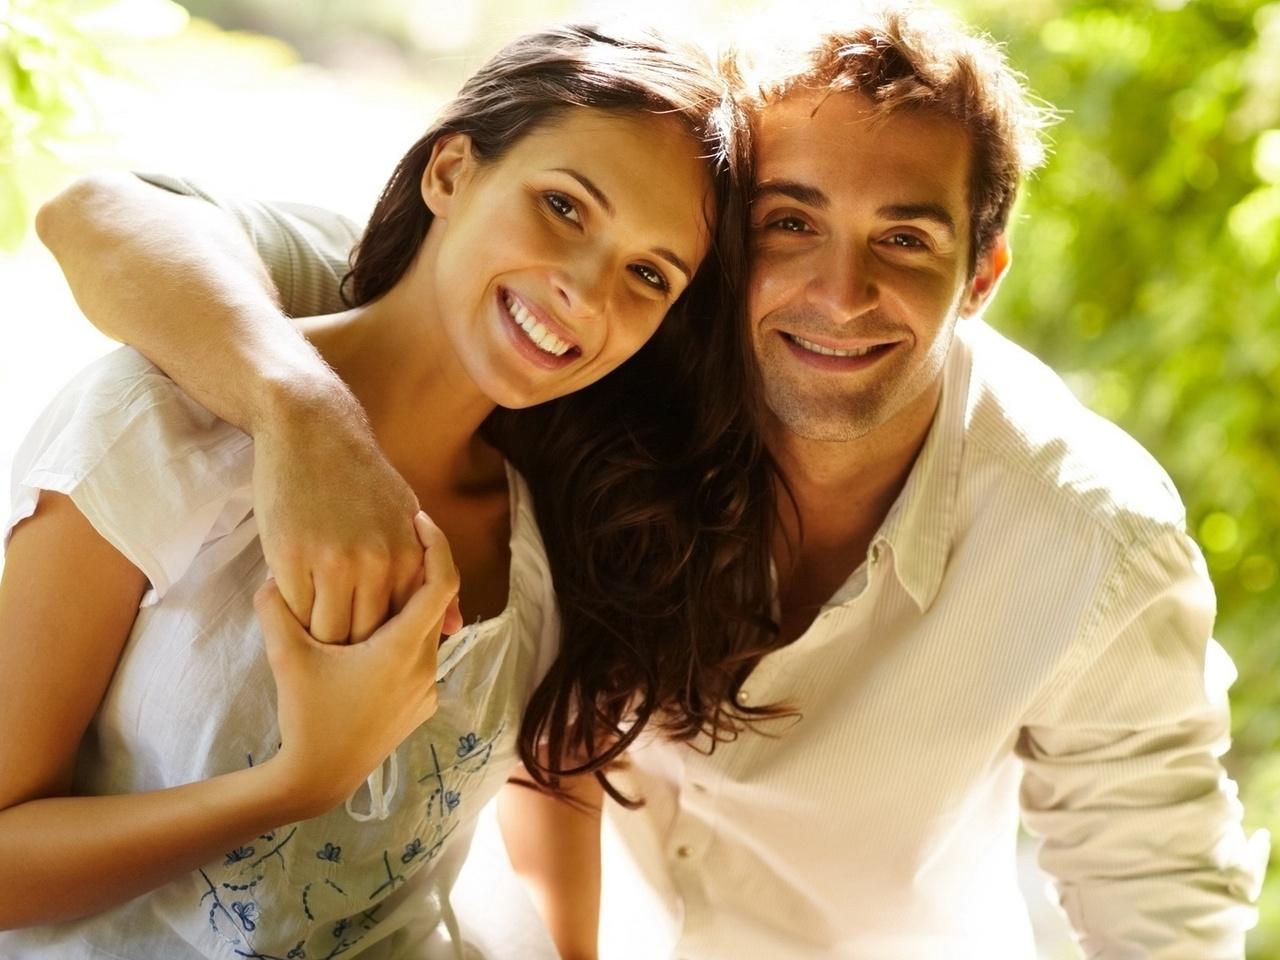 Я друг и его жена, Видеозаписи Сексвайф my life ВКонтакте 3 фотография